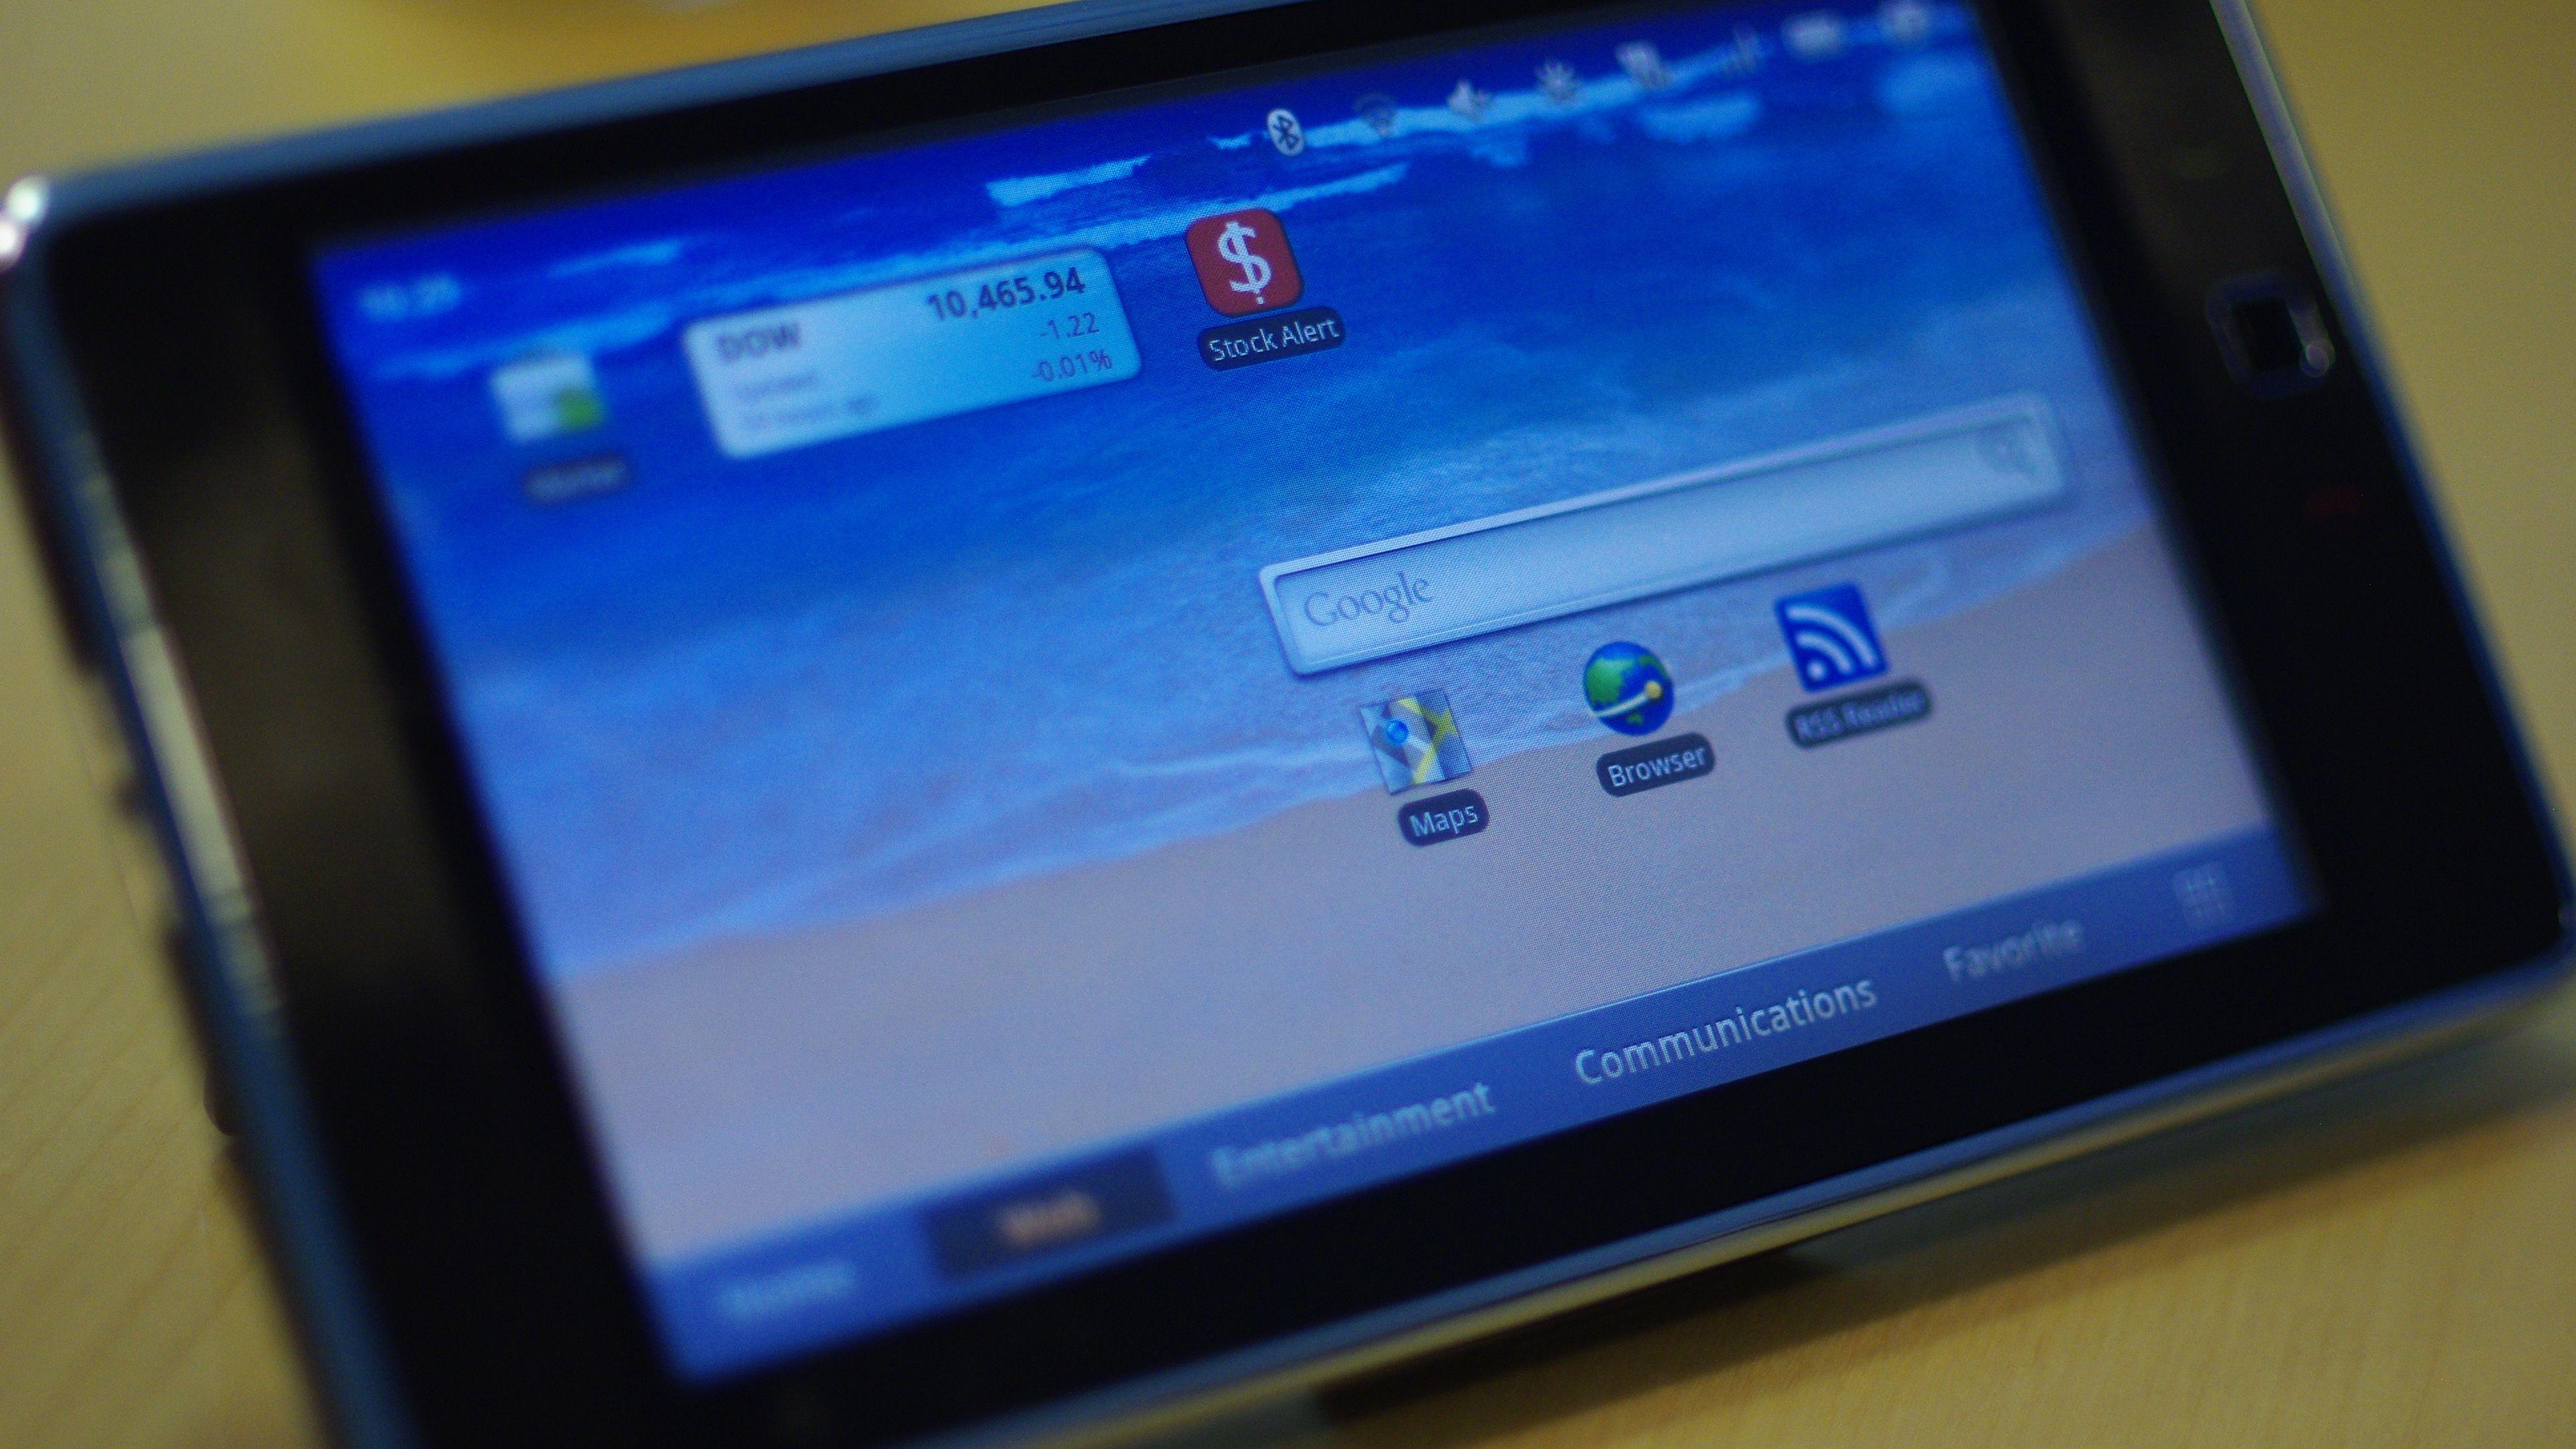 Førsteinntrykk: Huawei S7 Tablet